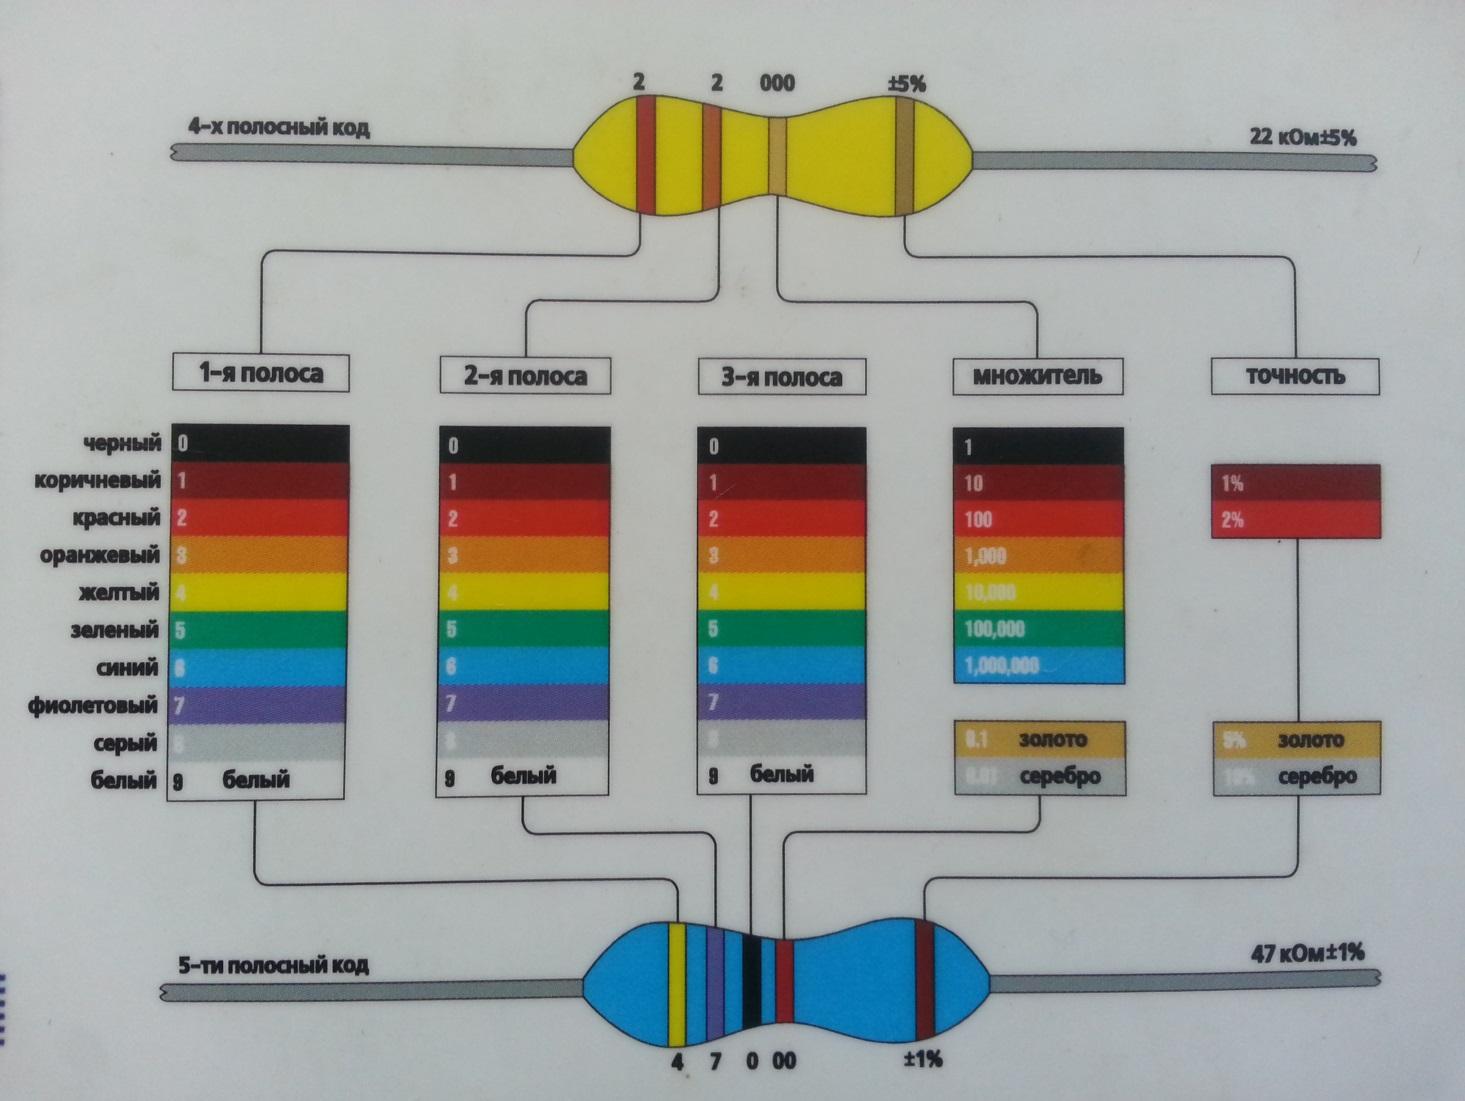 Мощность резистора на схеме 2 полосы